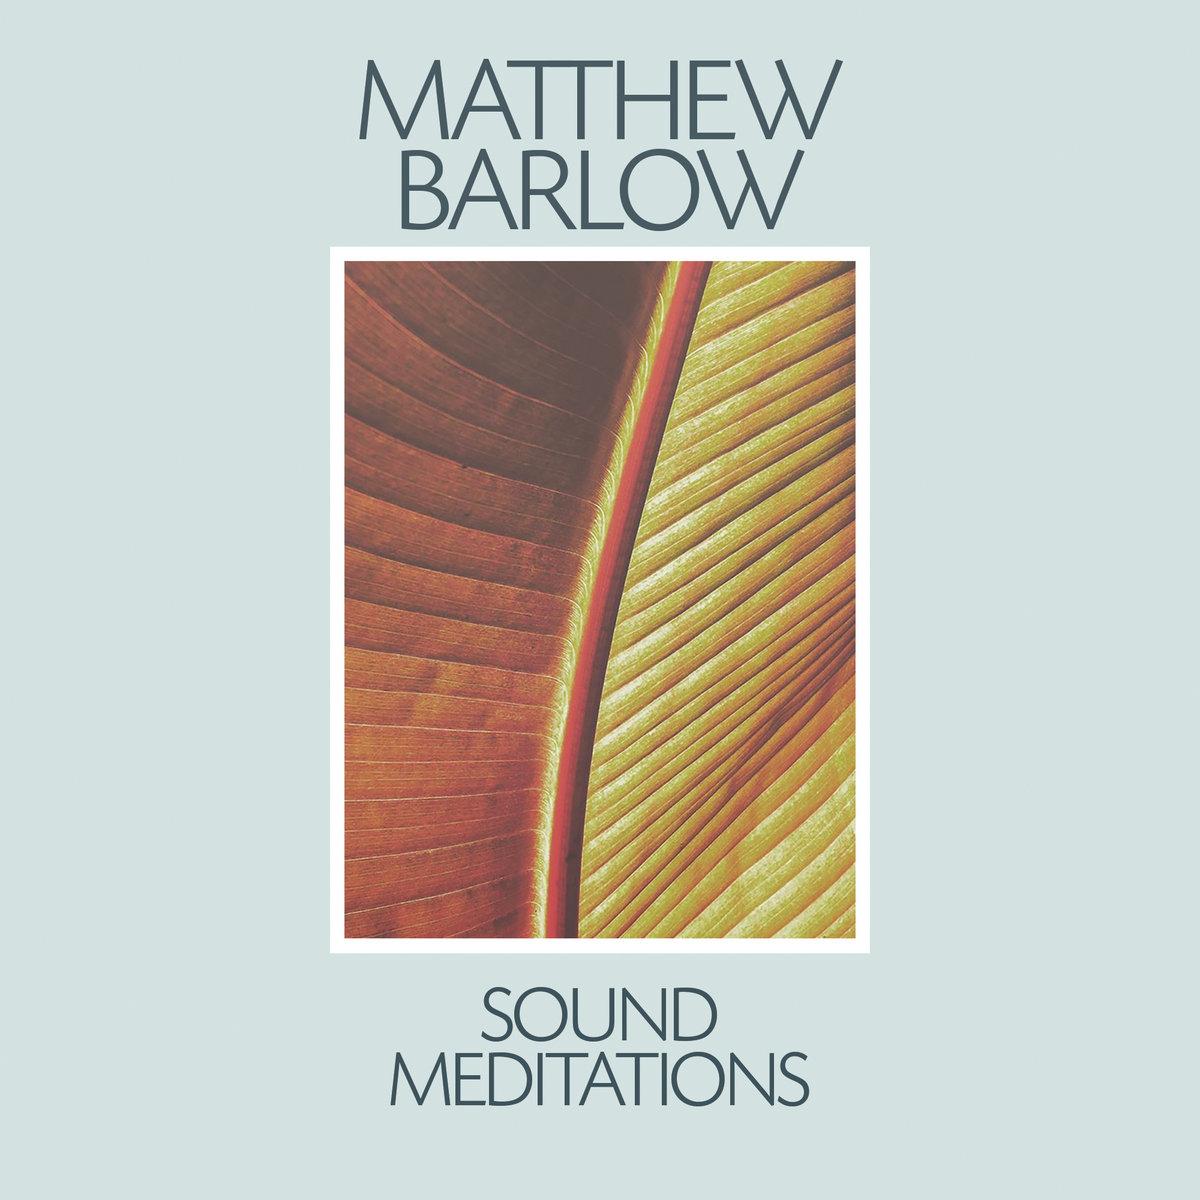 By Matthew Barlow